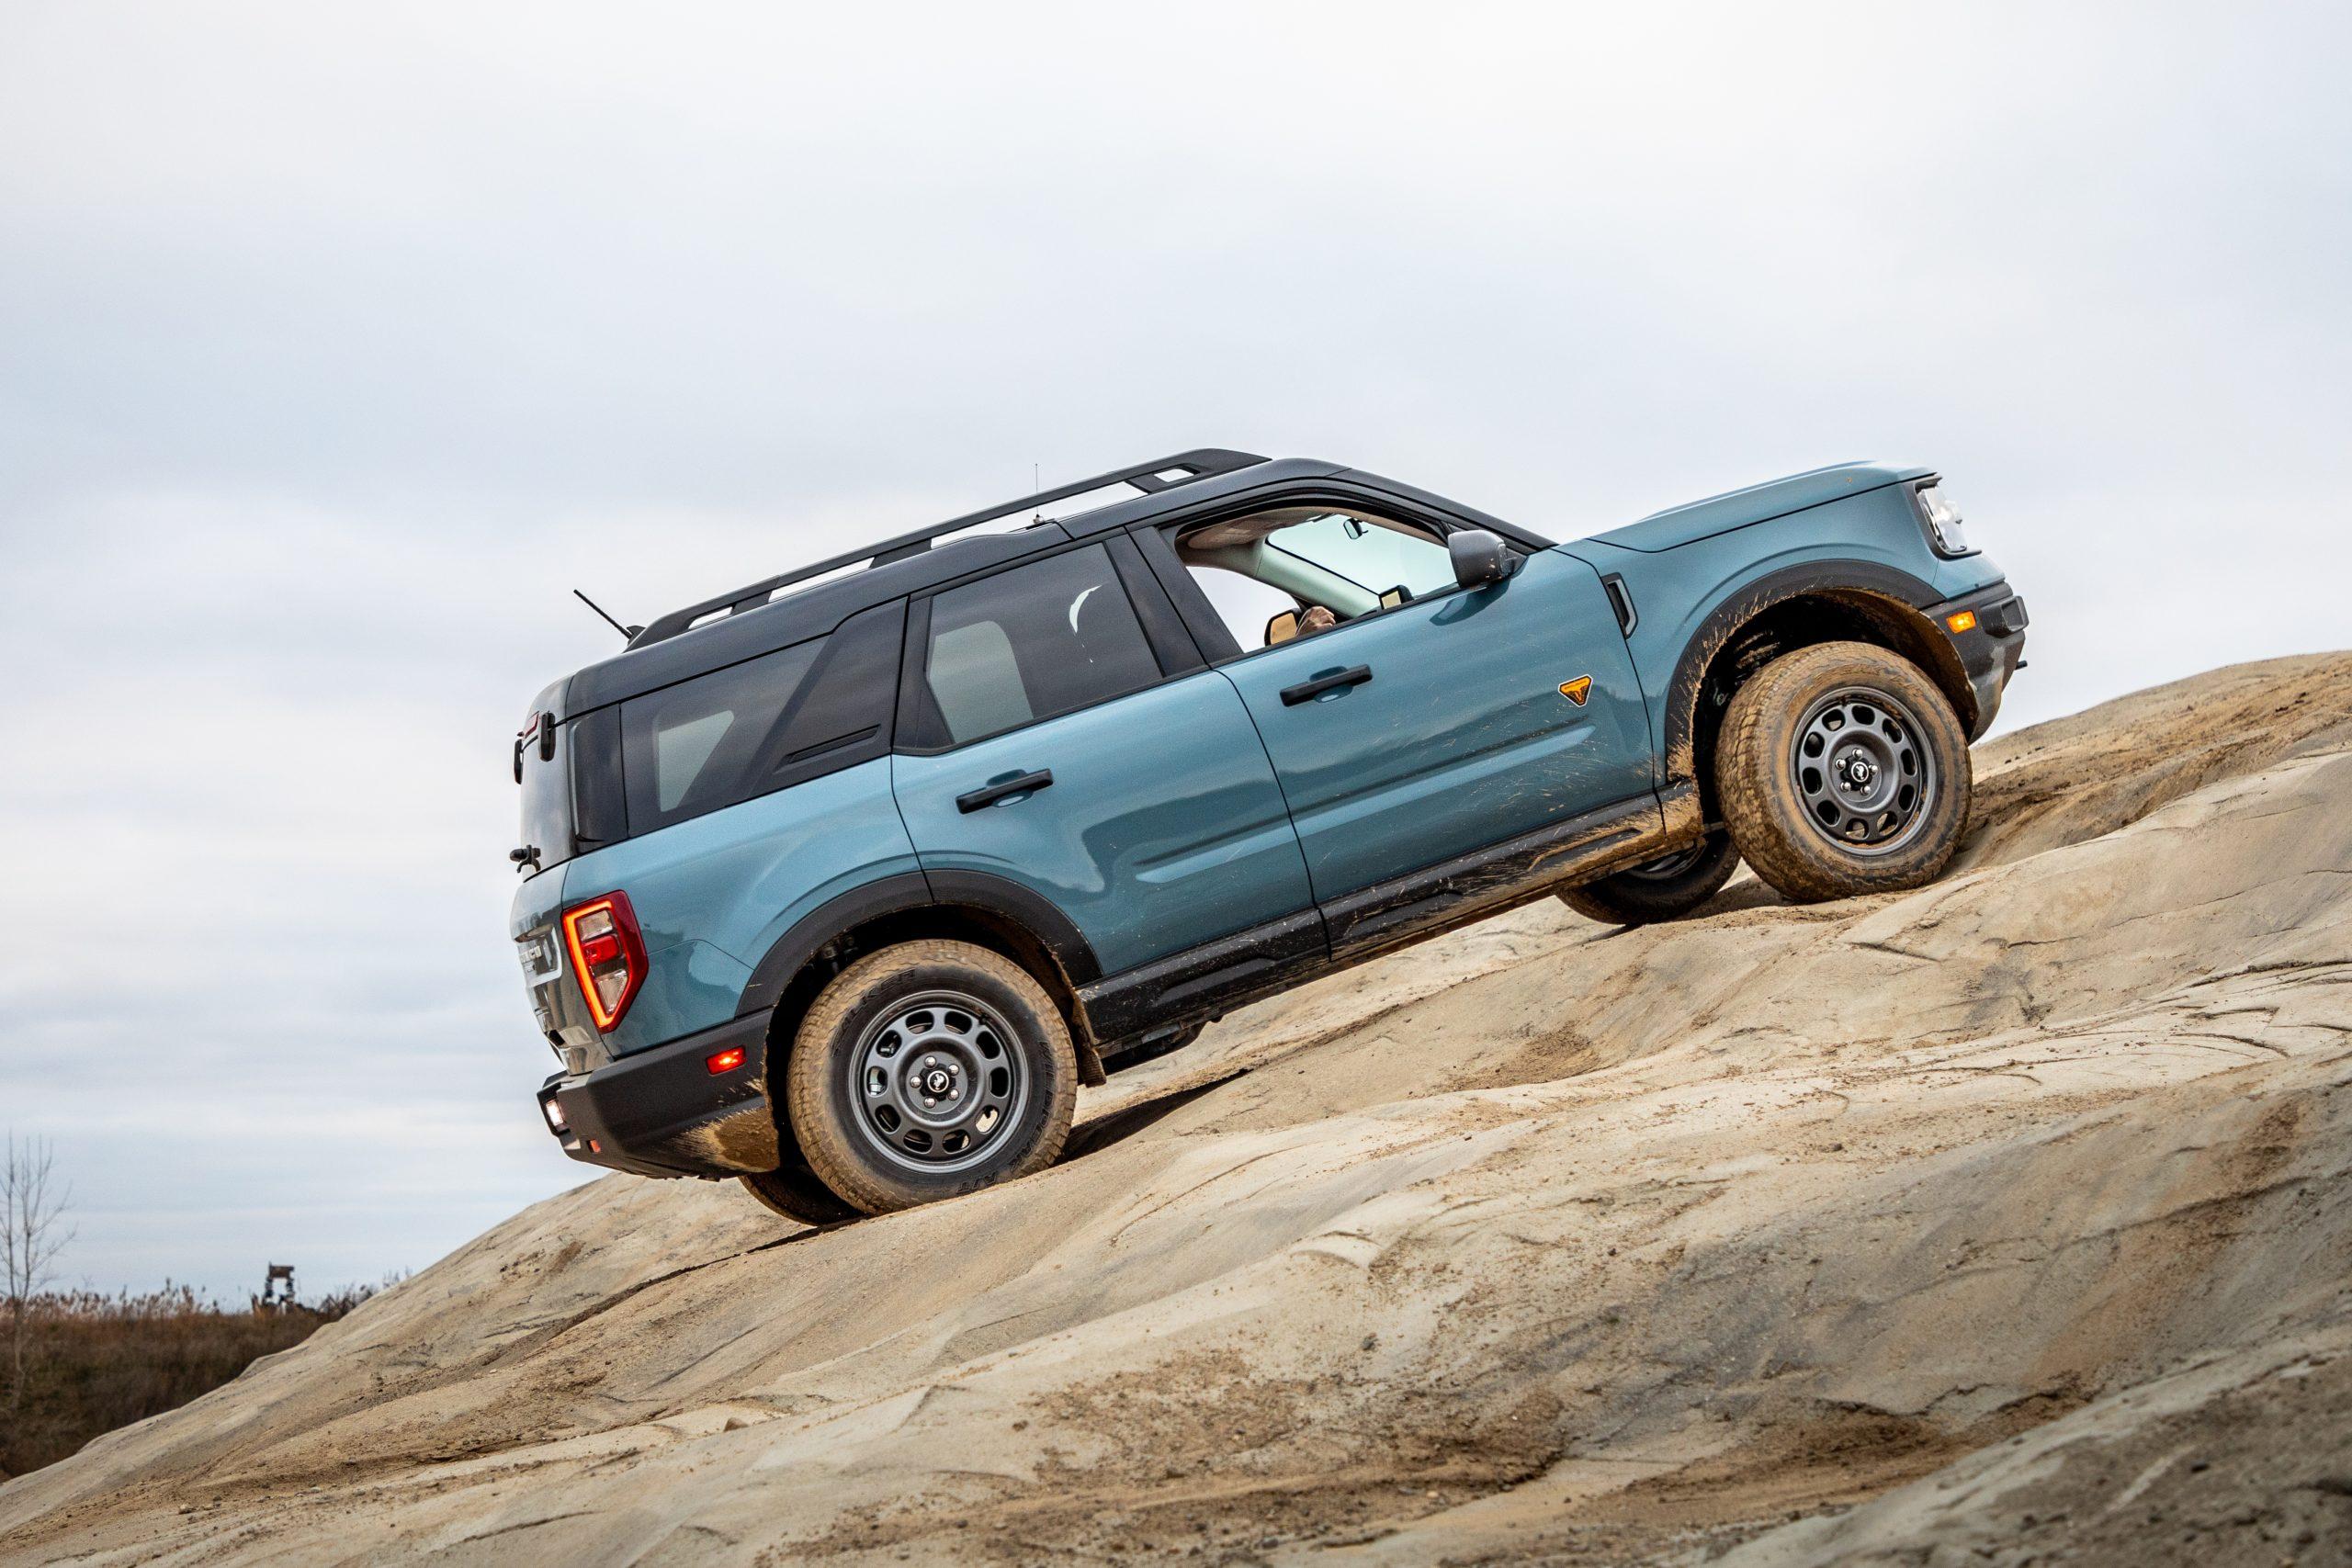 2021 Bronco Sport mountain climbing